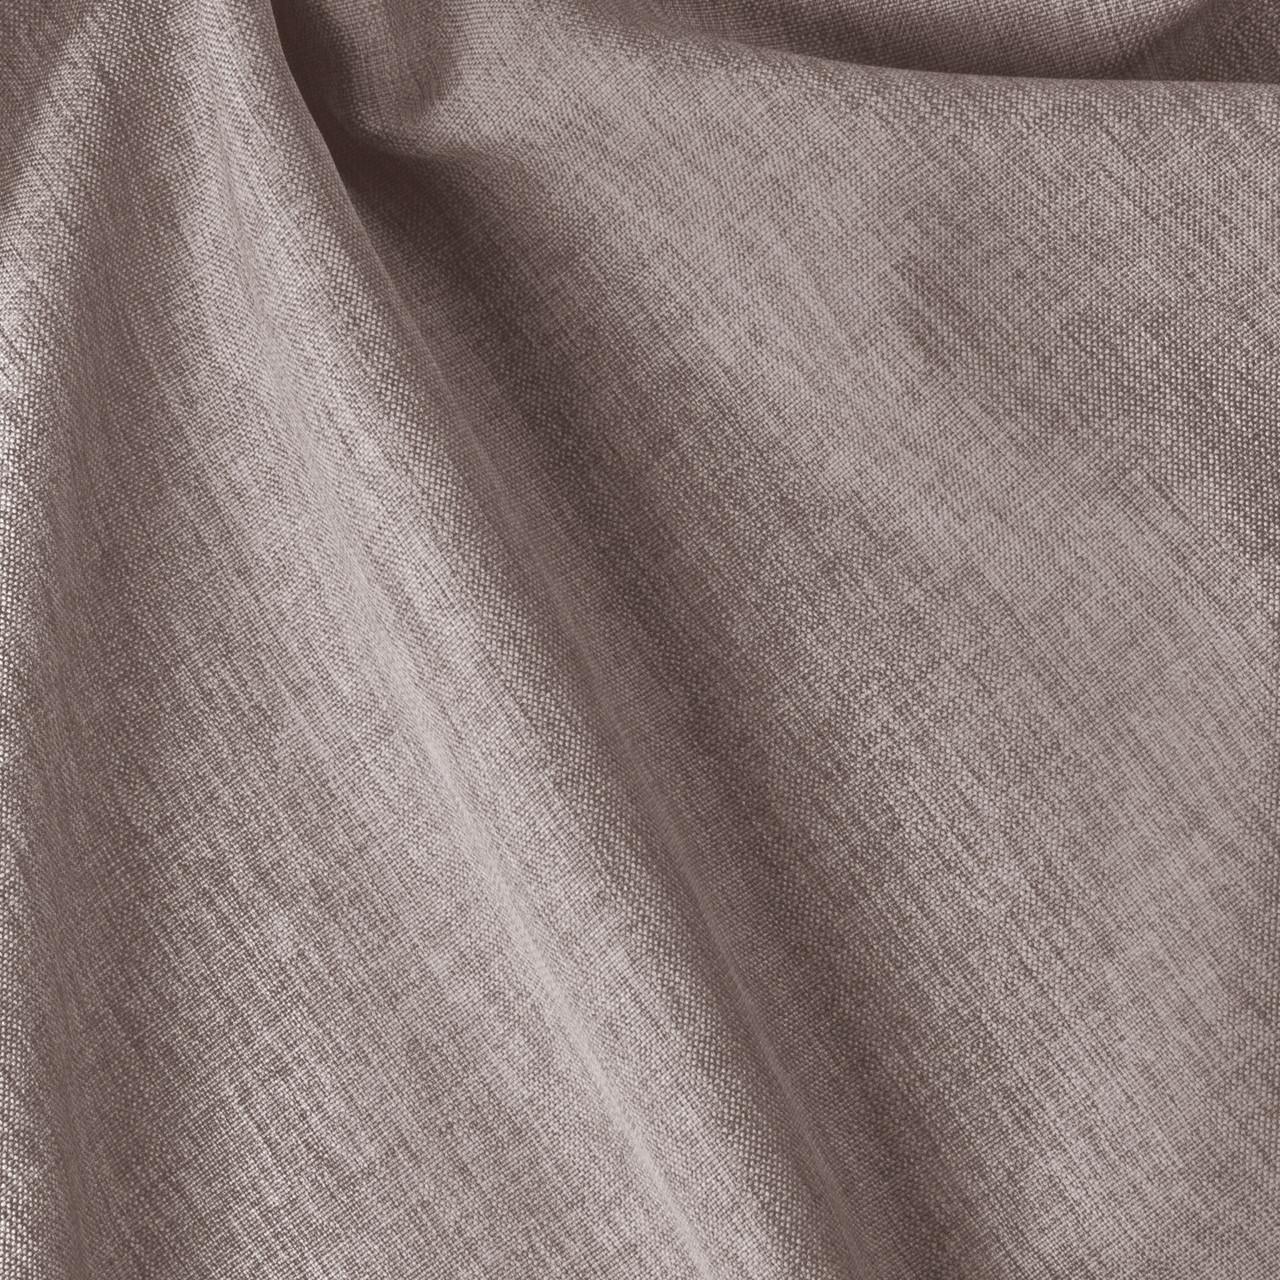 Декоративная однотонная ткань рогожка сиреневого цвета Турция 84456v13